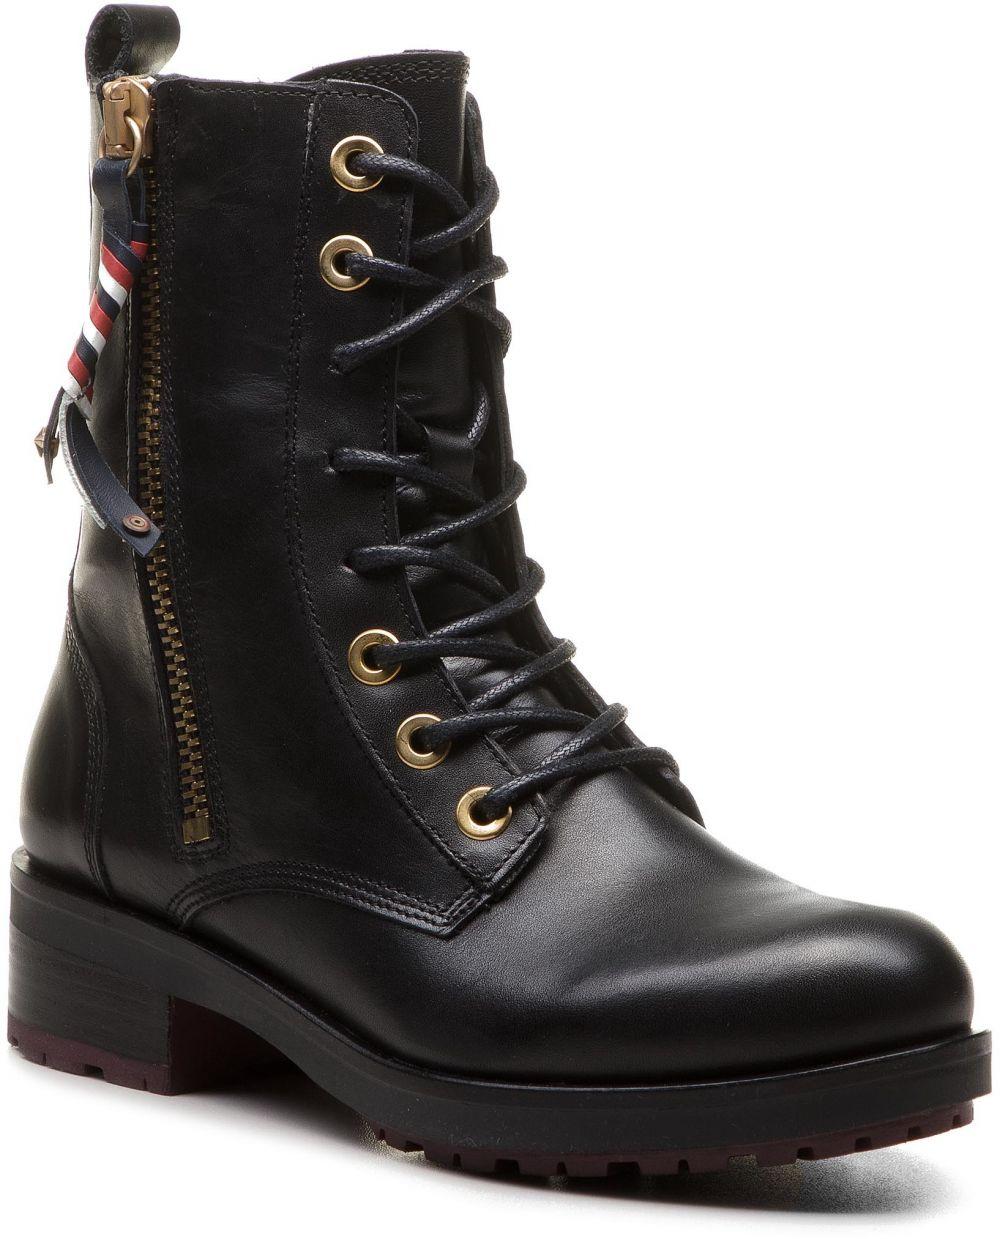 Členková obuv TOMMY HILFIGER - Corporate Tassel Bik FW0FW03585 Black 990  značky Tommy Hilfiger - Lovely.sk 1bb35db8309